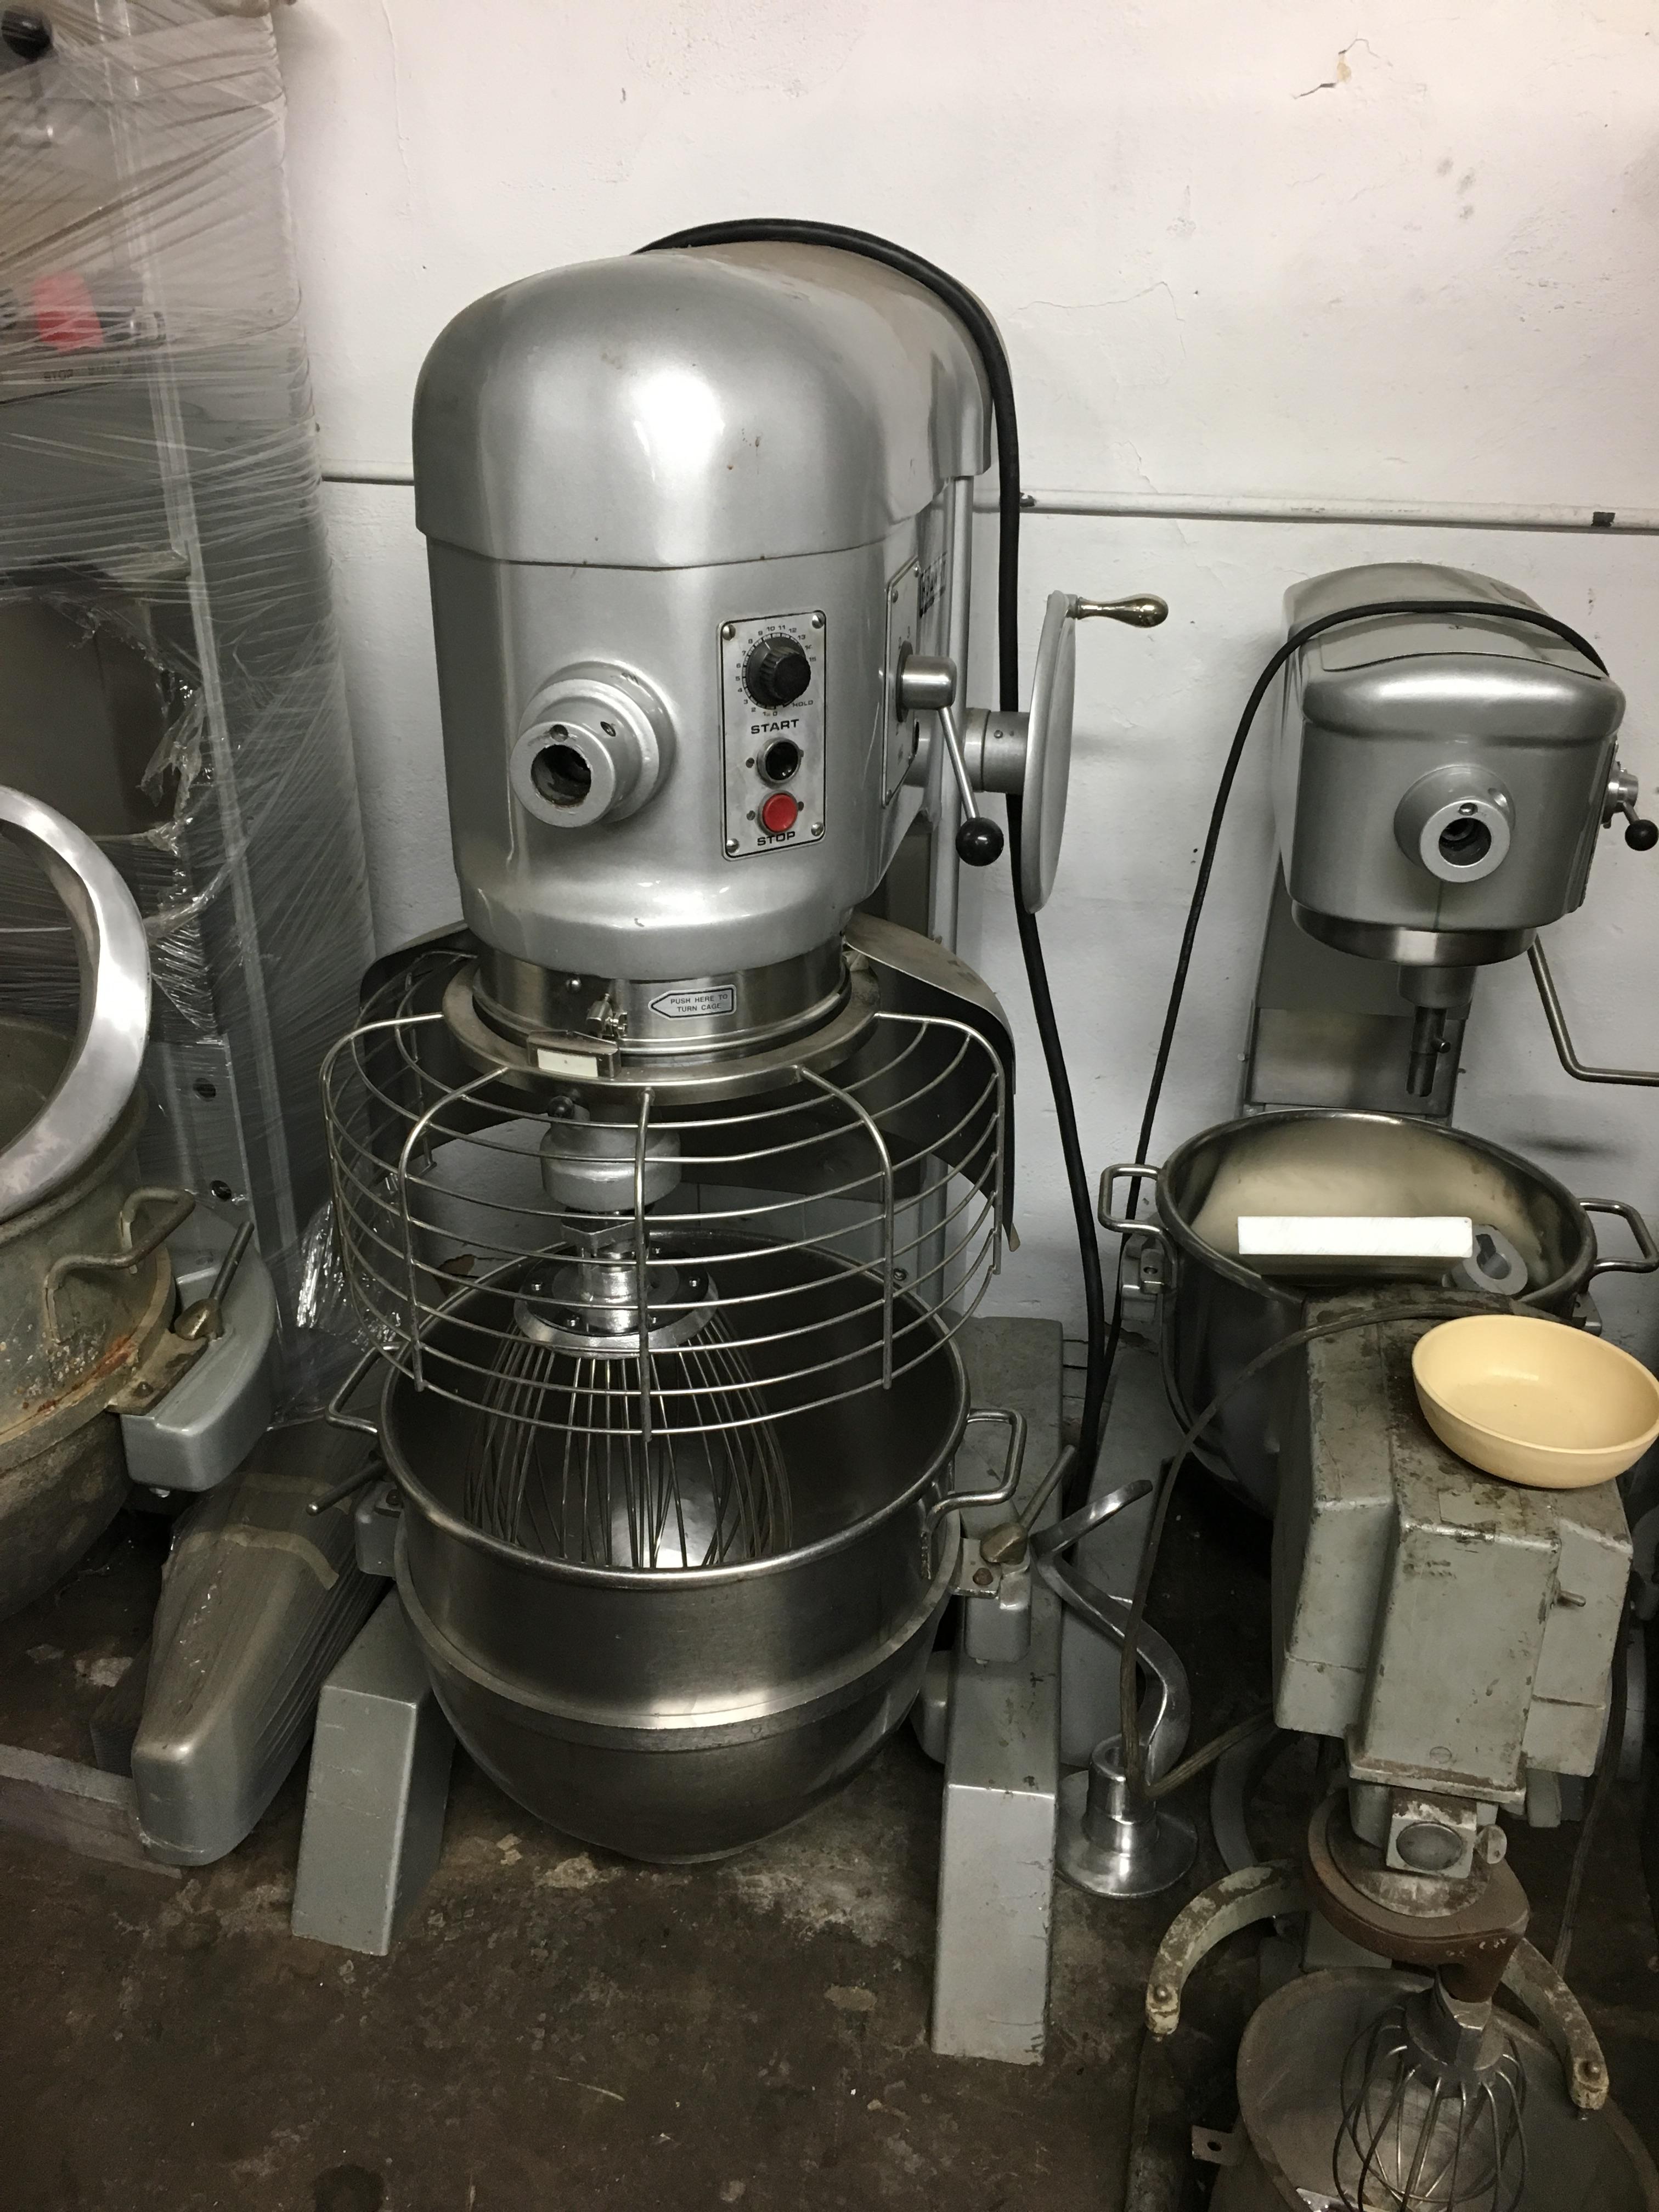 restaurant-equipment-15040828575.jpg